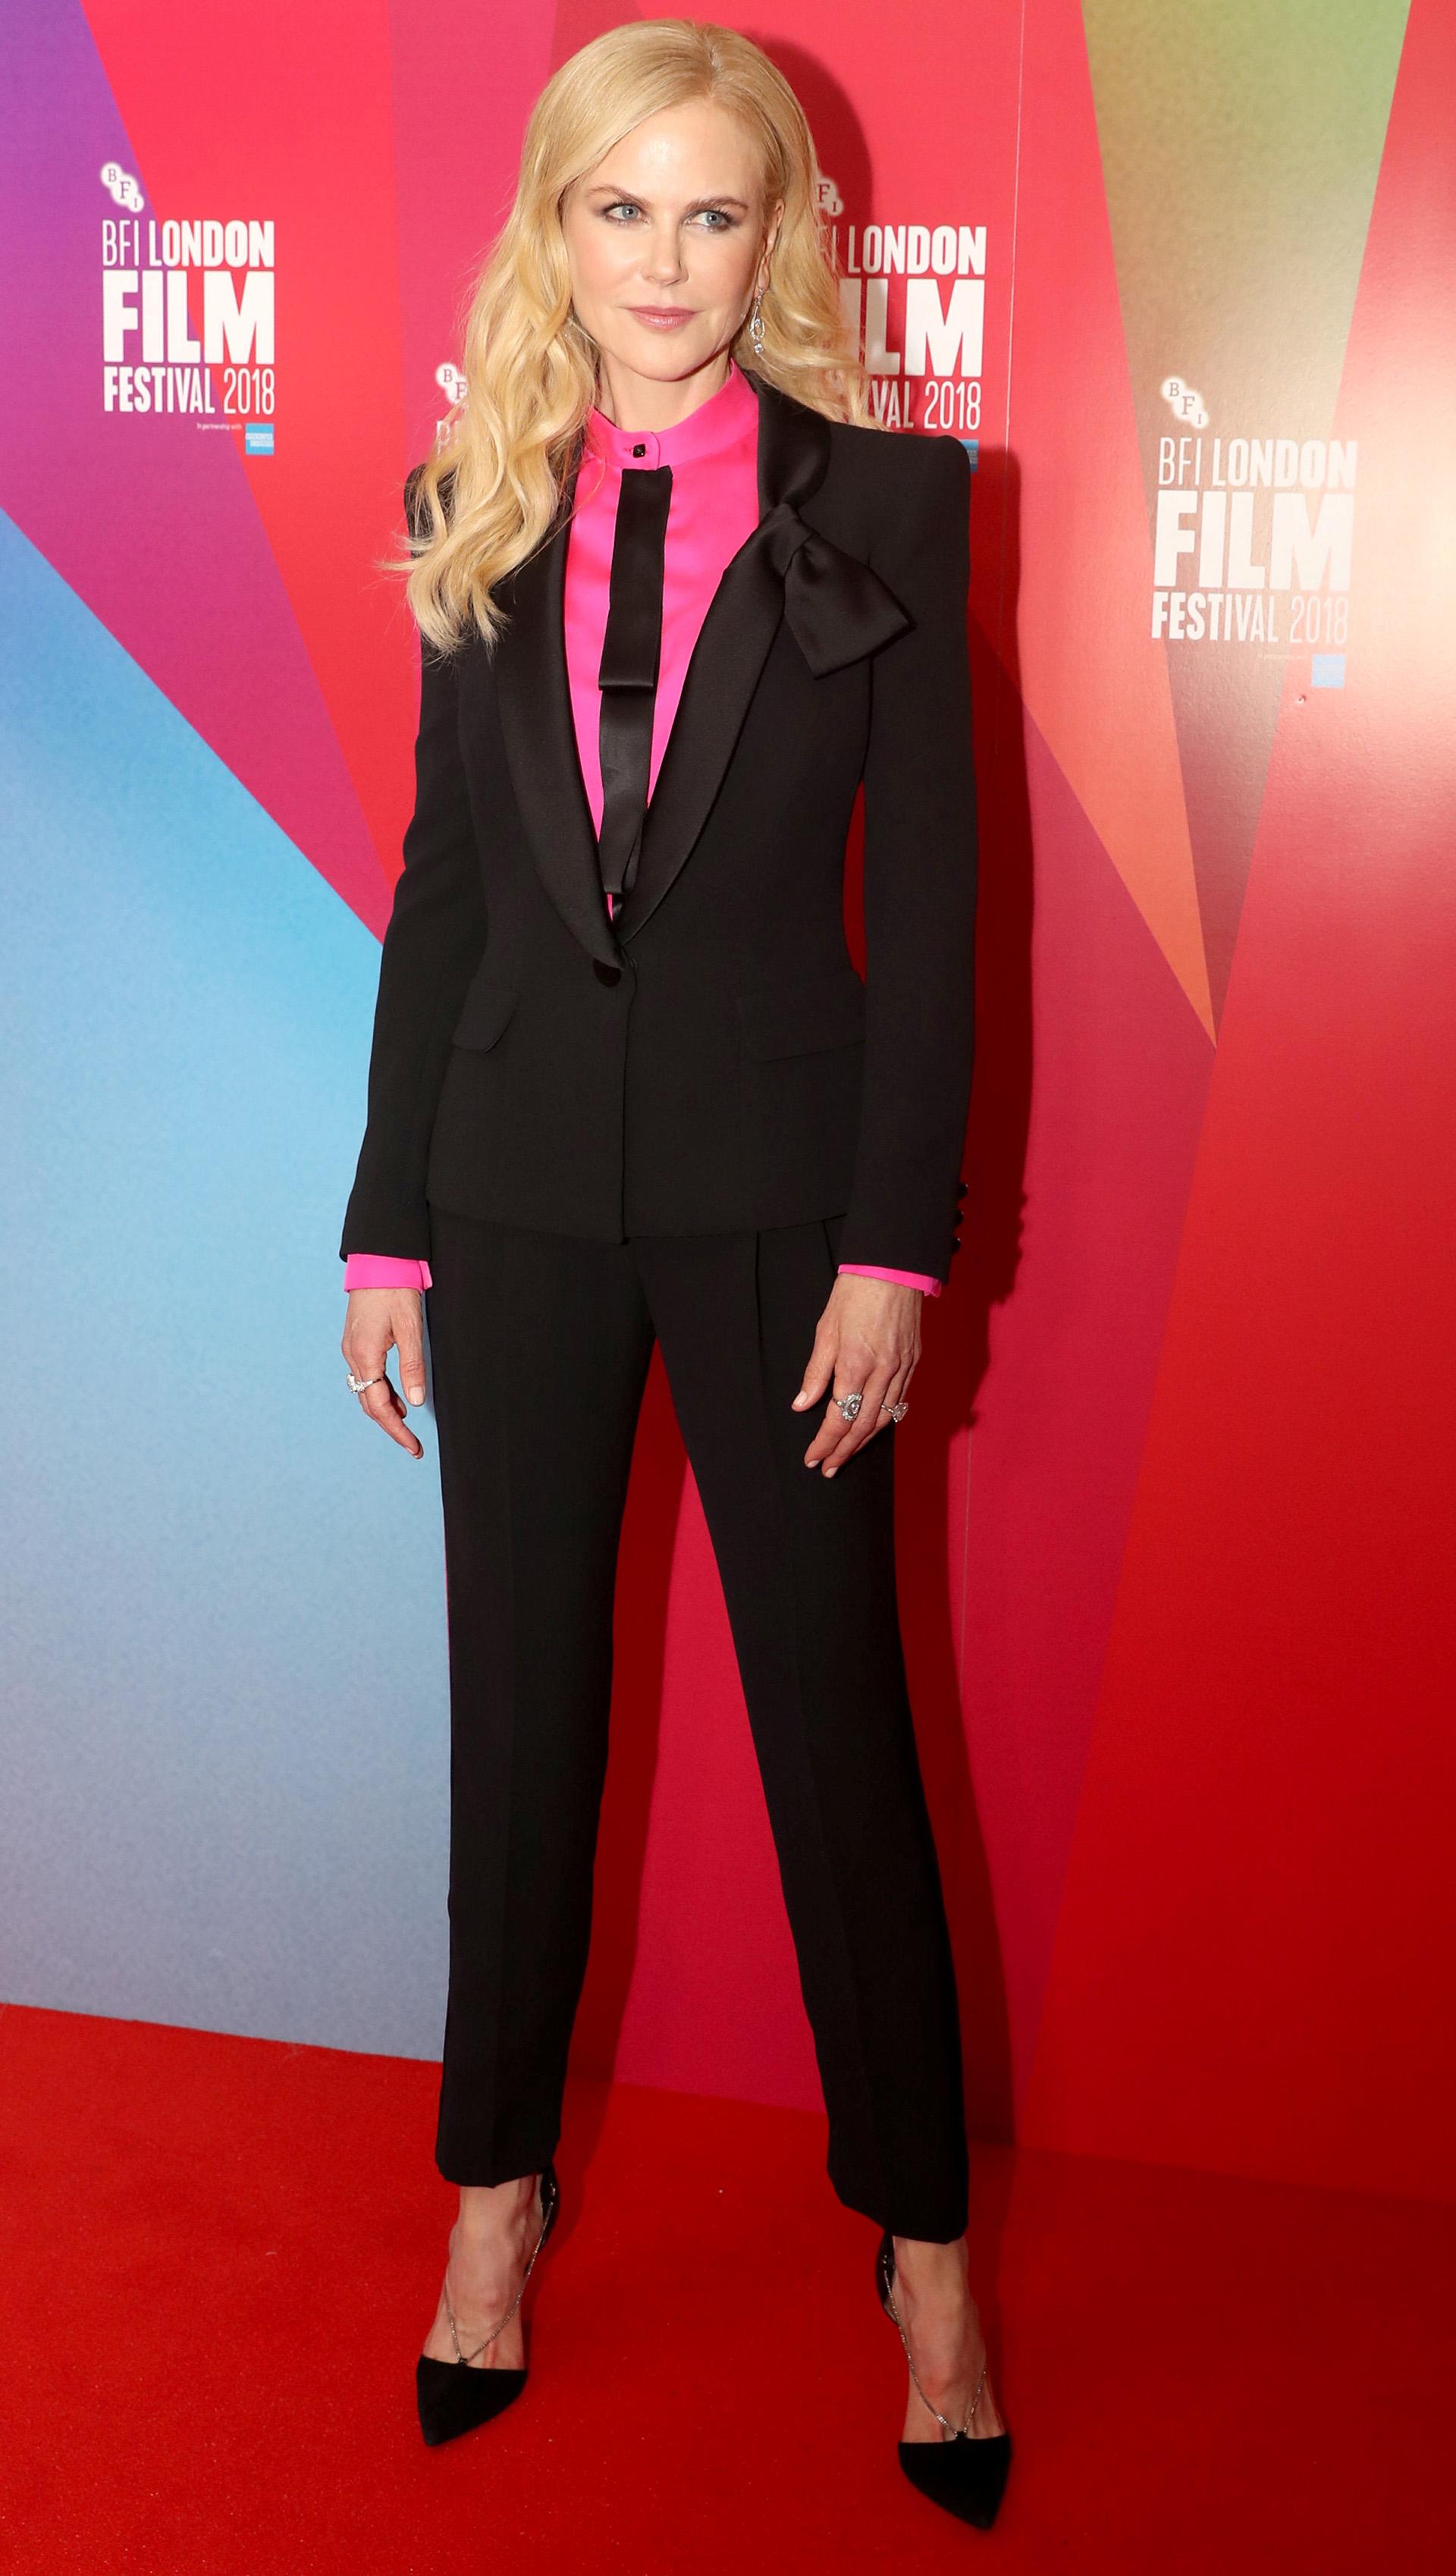 Nicole Kidman cautivó con su elegancia con este traje negro, delicadamente combinado con una blusa fucsia y corbatín, a su llegada al Festival de Cine de Londres